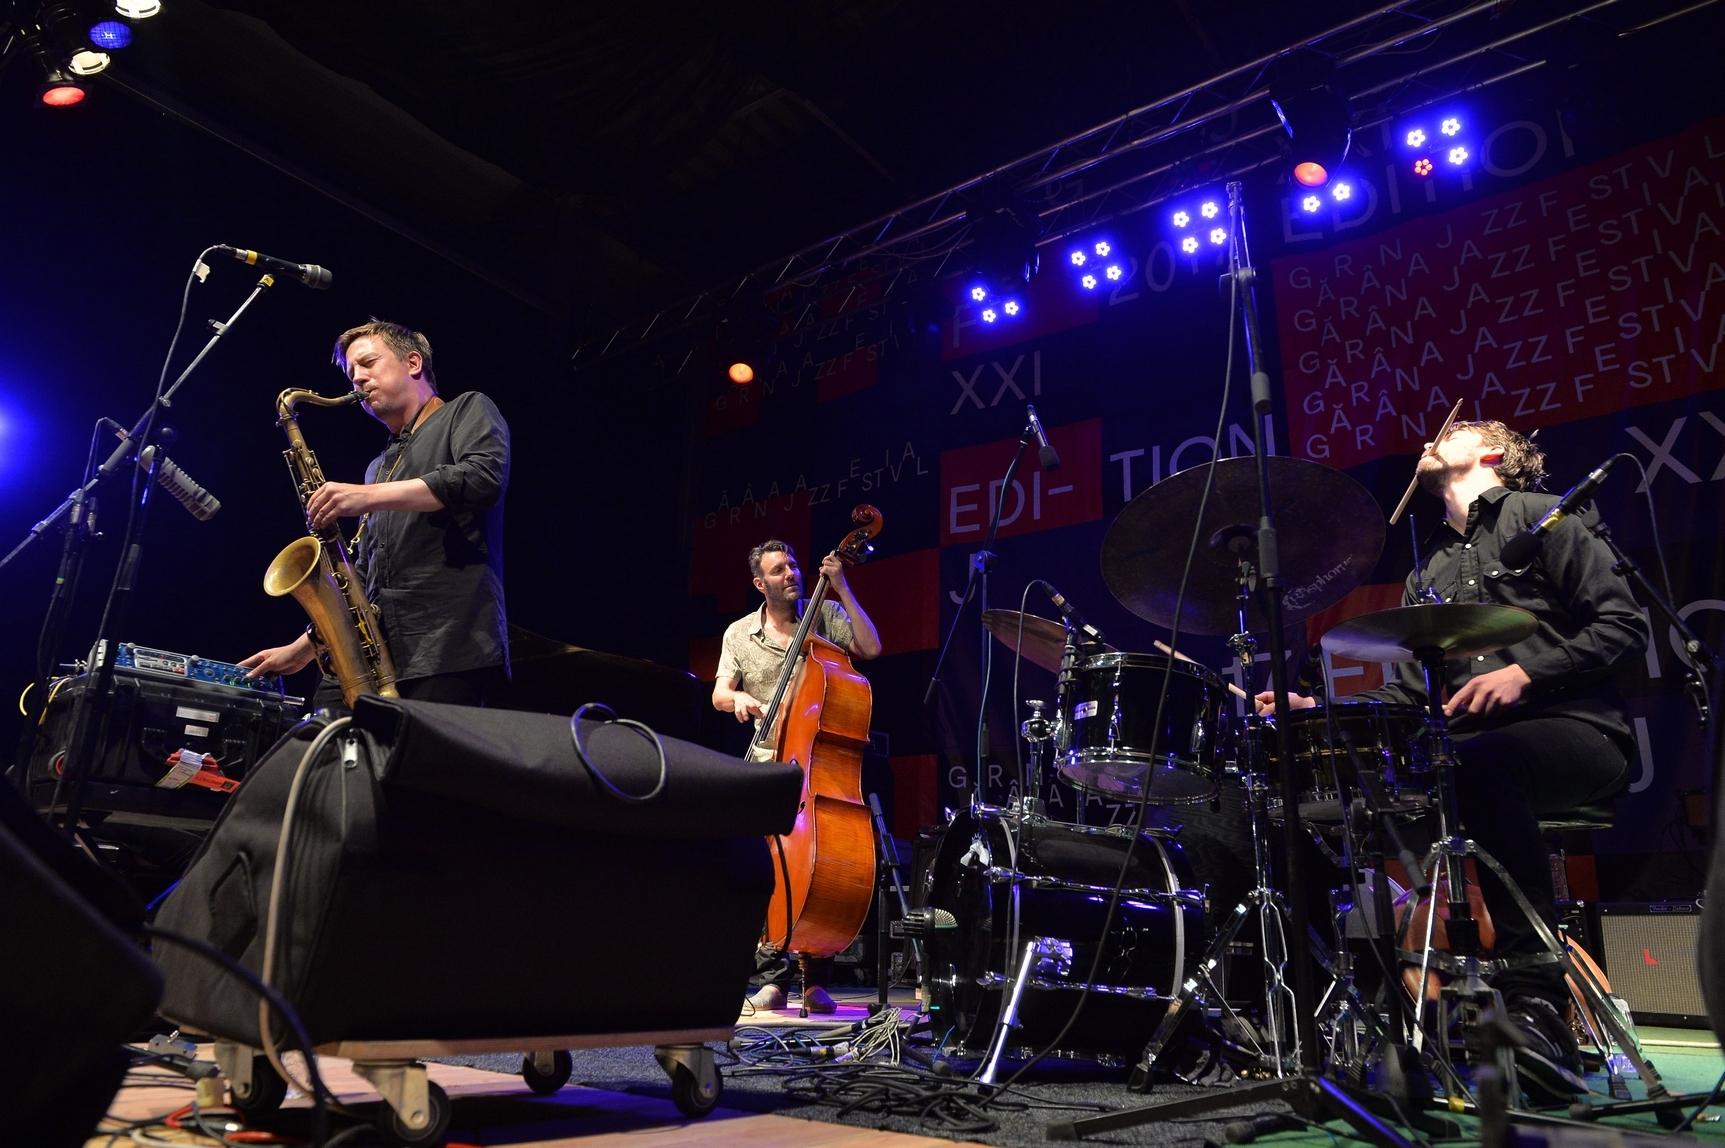 Hakon Kornstad Quartet at Garana Jazz Festival 2017